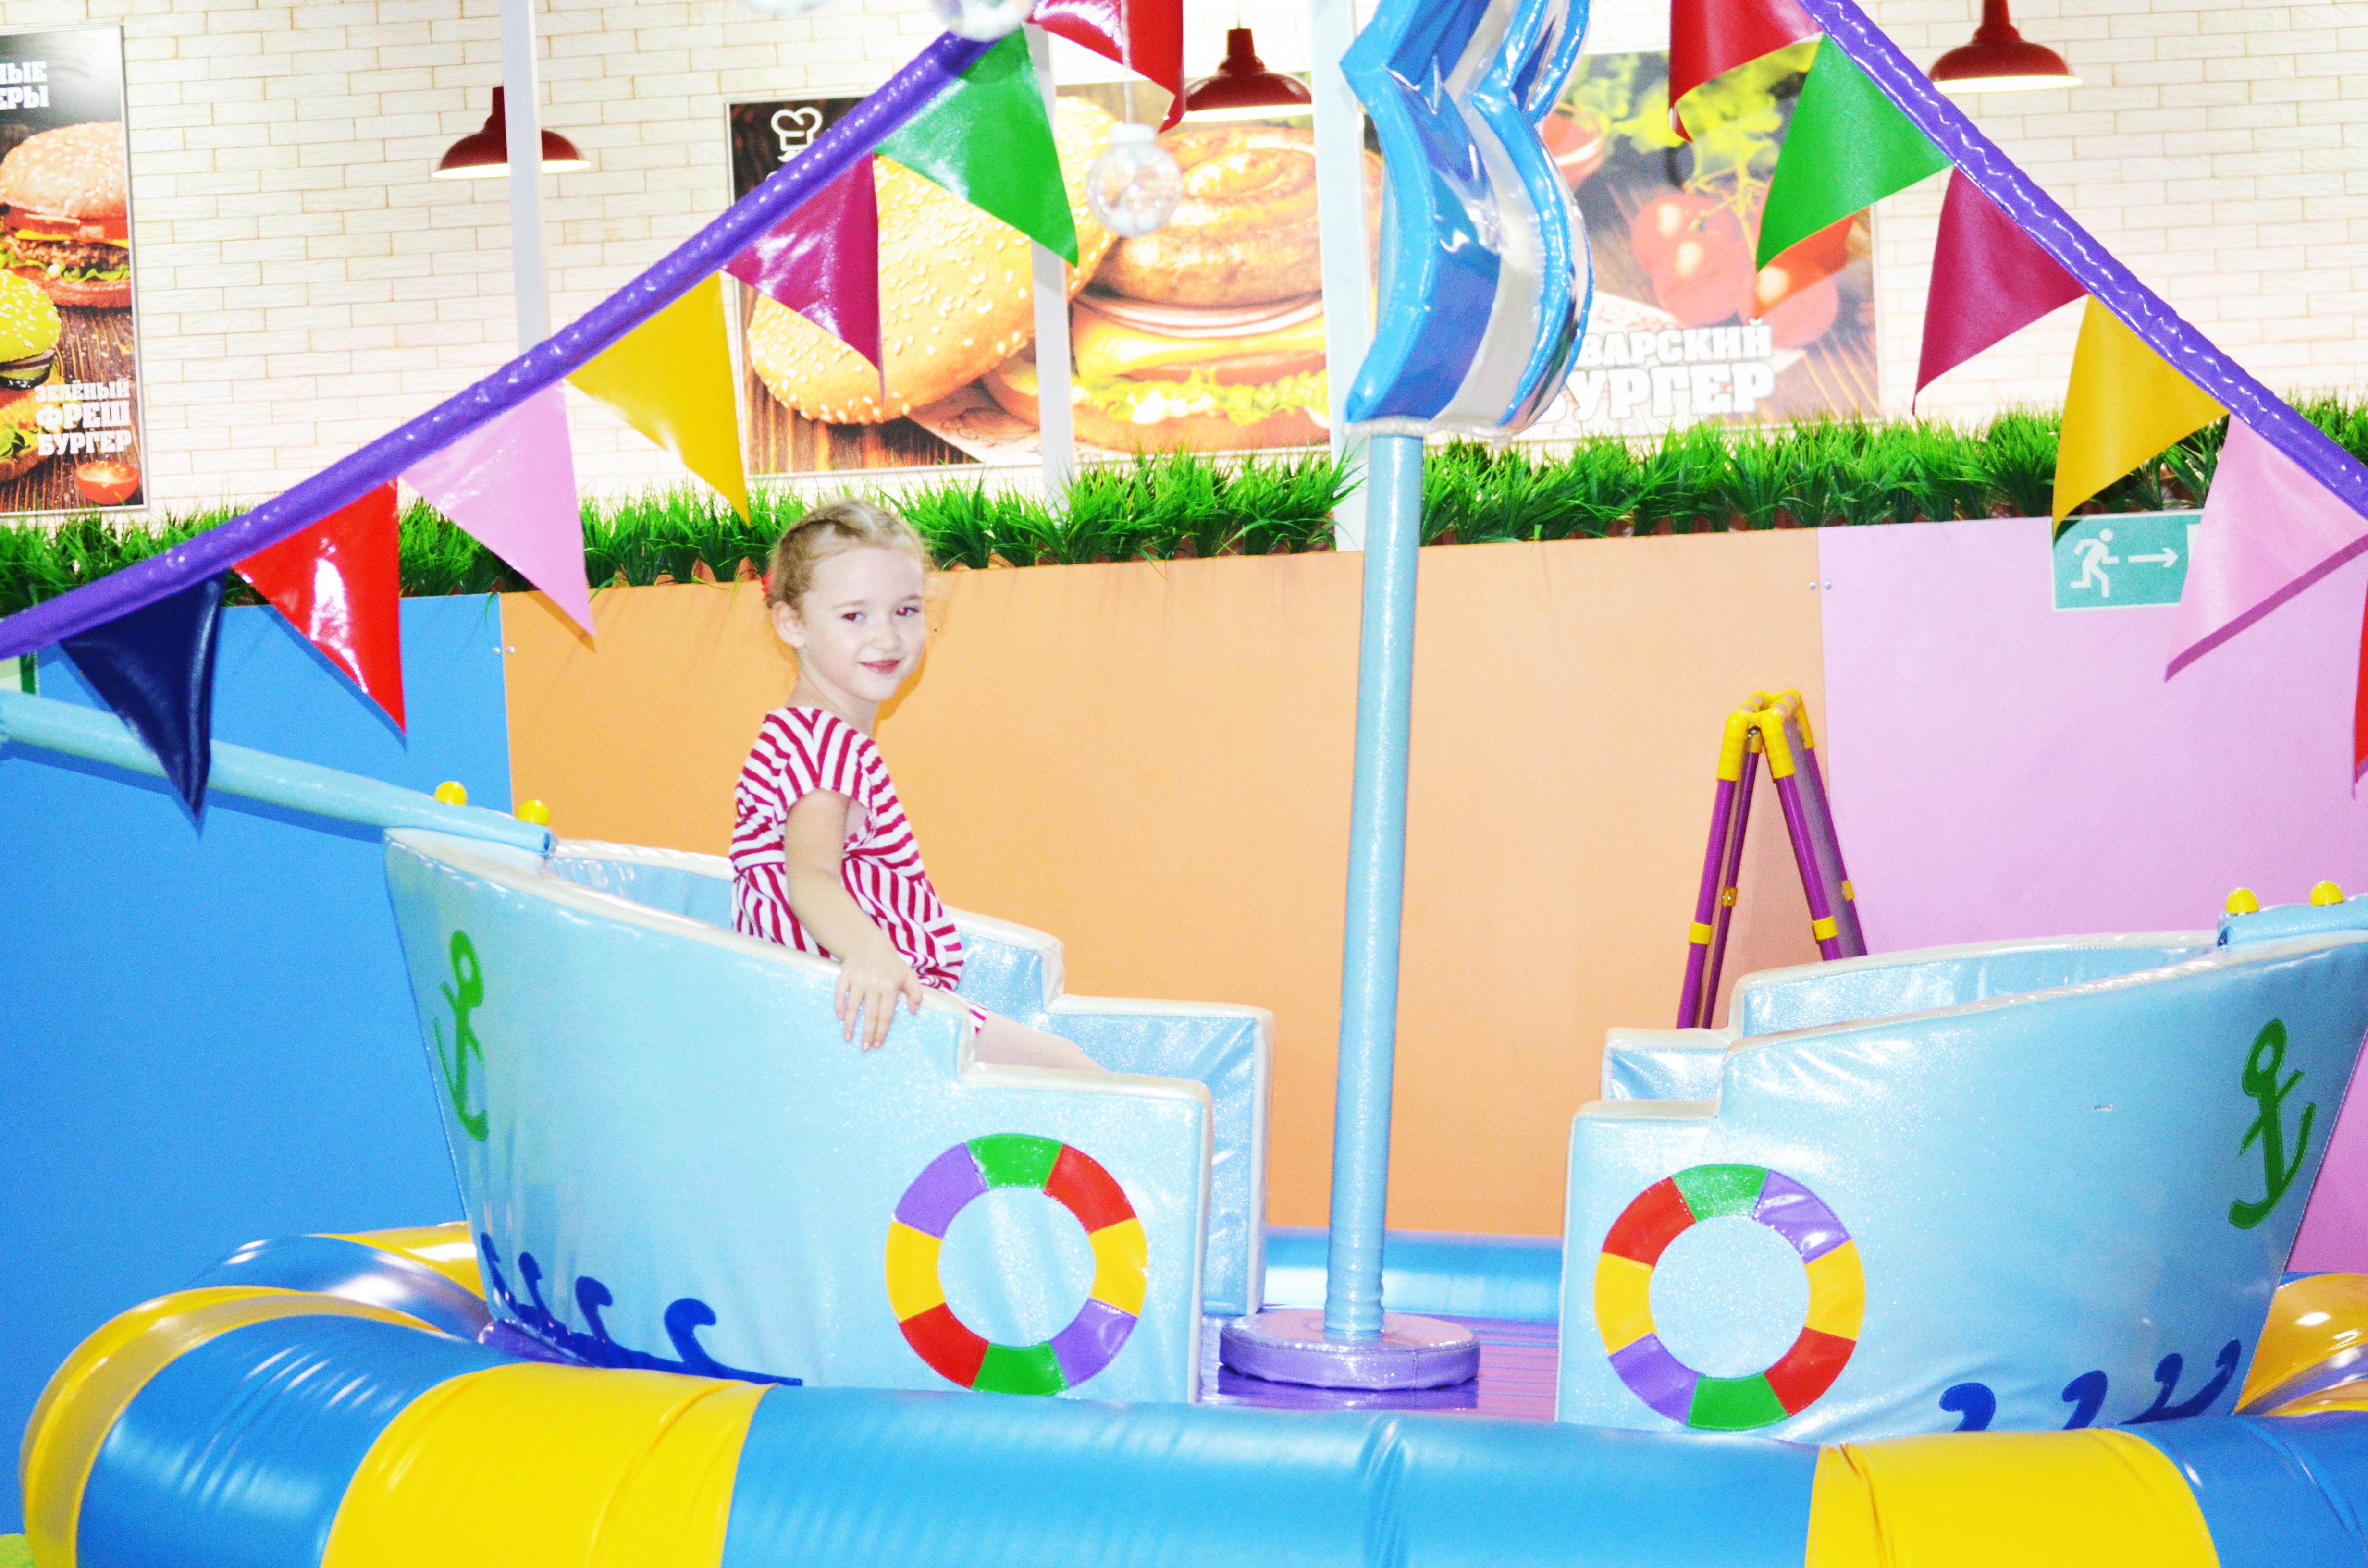 Самый запоминающийся день рождения! Где отмечался? Многие дети ответят- в «Островке»!